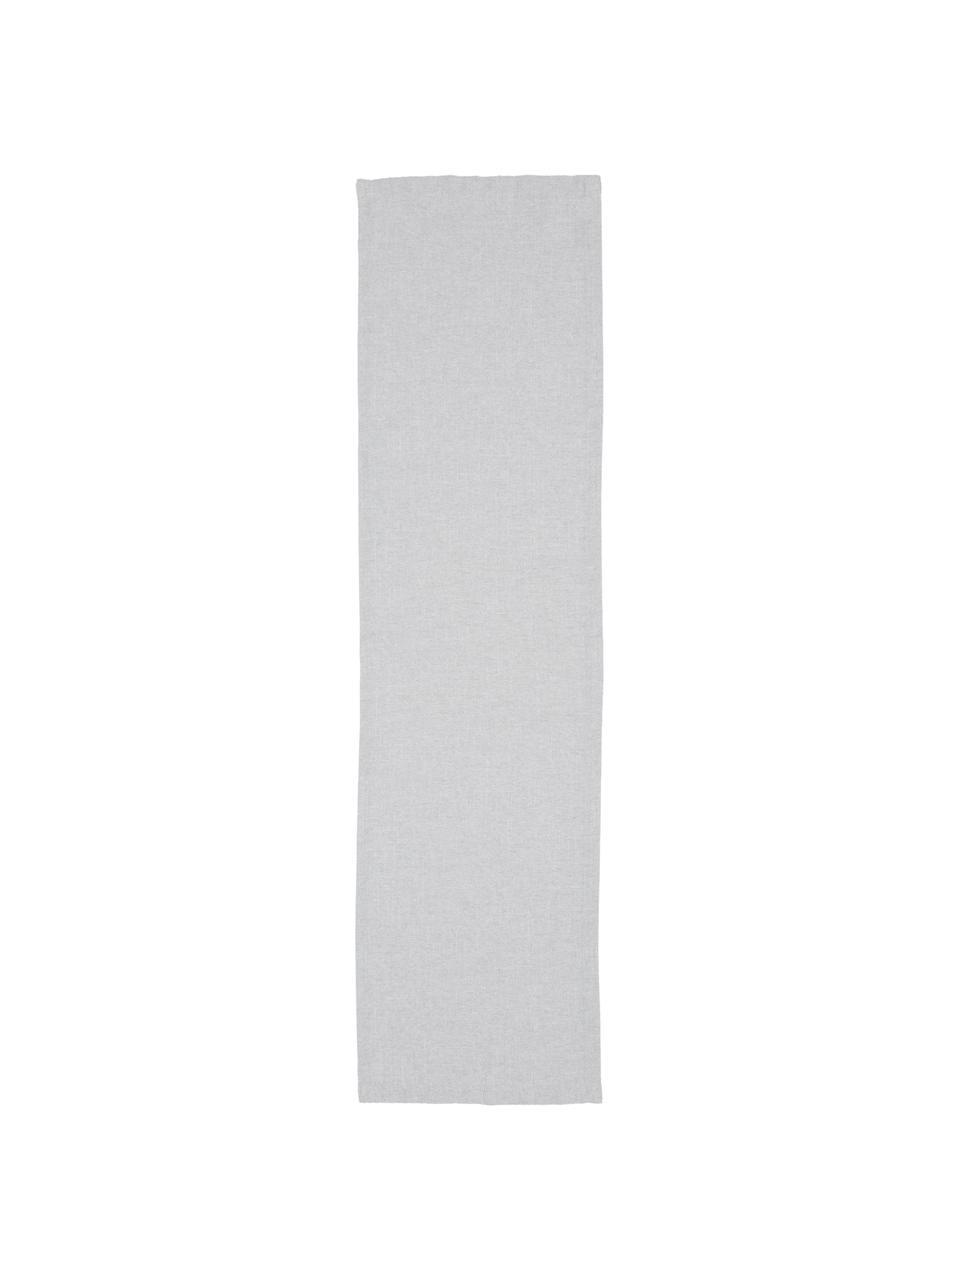 Tischläufer Riva aus Baumwollgemisch in Grau, 55%Baumwolle, 45%Polyester, Grau, 40 x 150 cm